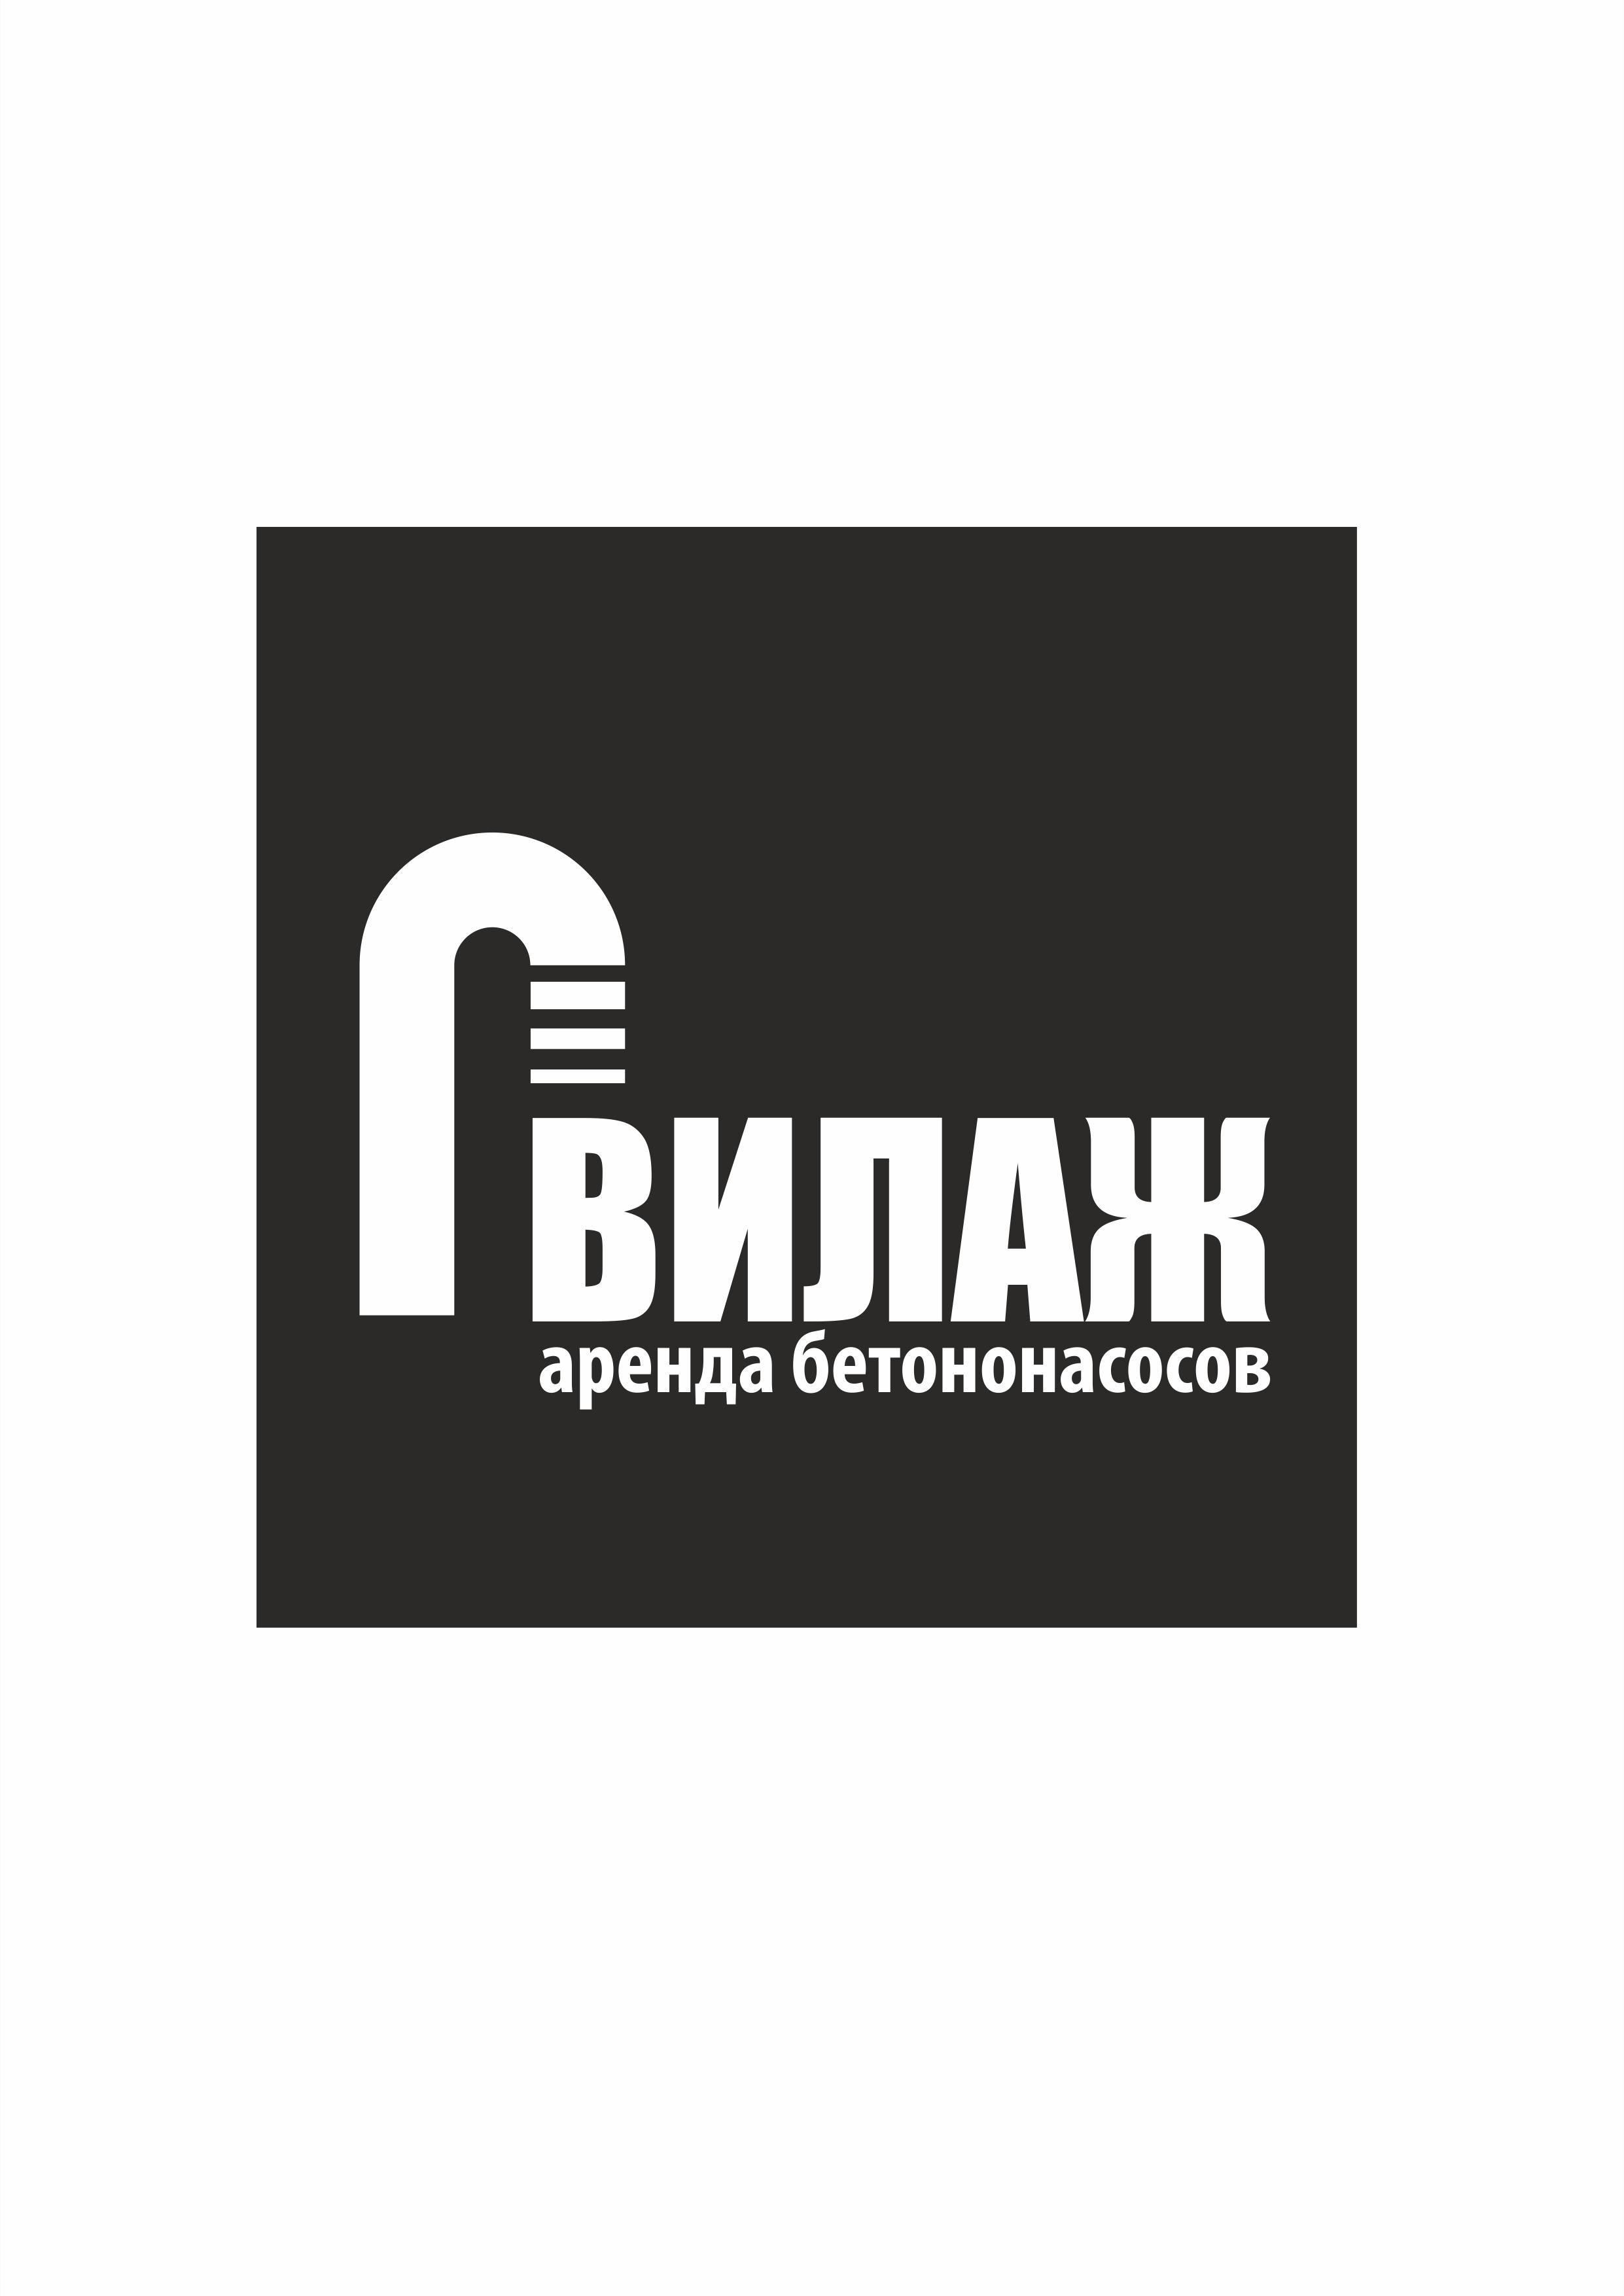 Логотип для компании по аренде спец.техники фото f_8285991f874eba80.png